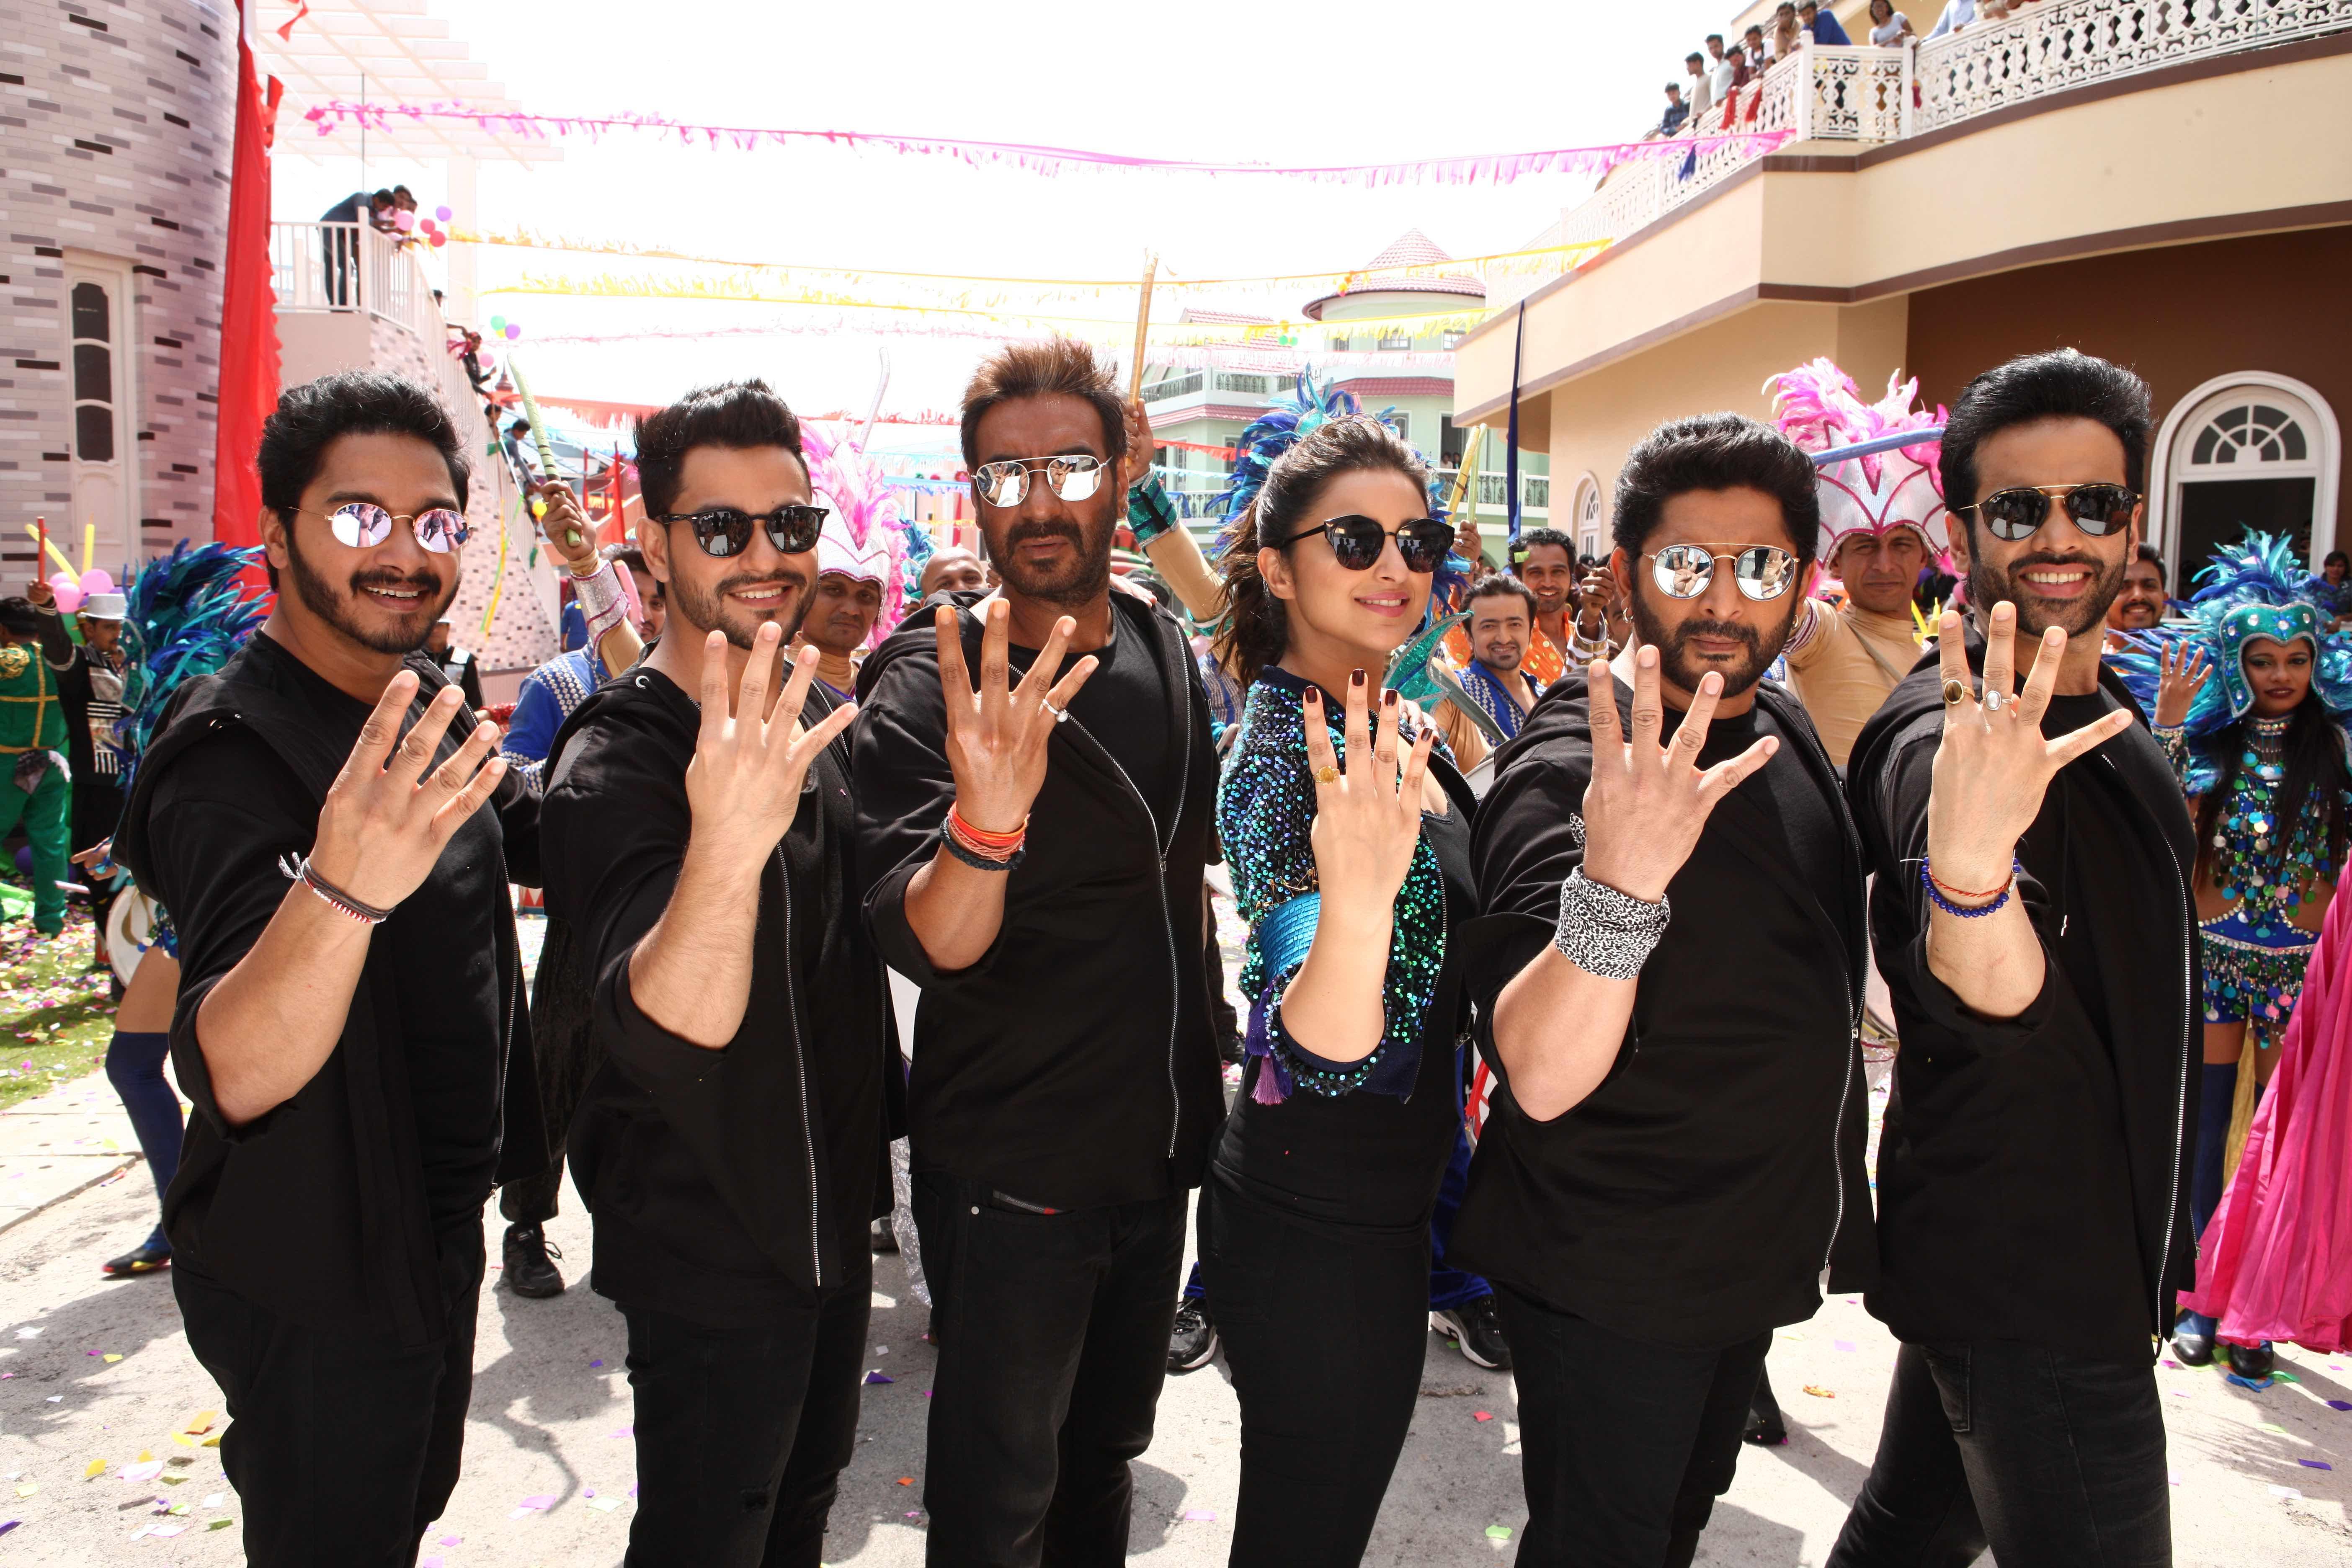 image-1-shreyas-talpade-kunal-khemmu-ajay-devgn-parineeti-chopra-arshad-warsi-and-tusshar-kapoor-photo-credit-shamim-ansari-raju